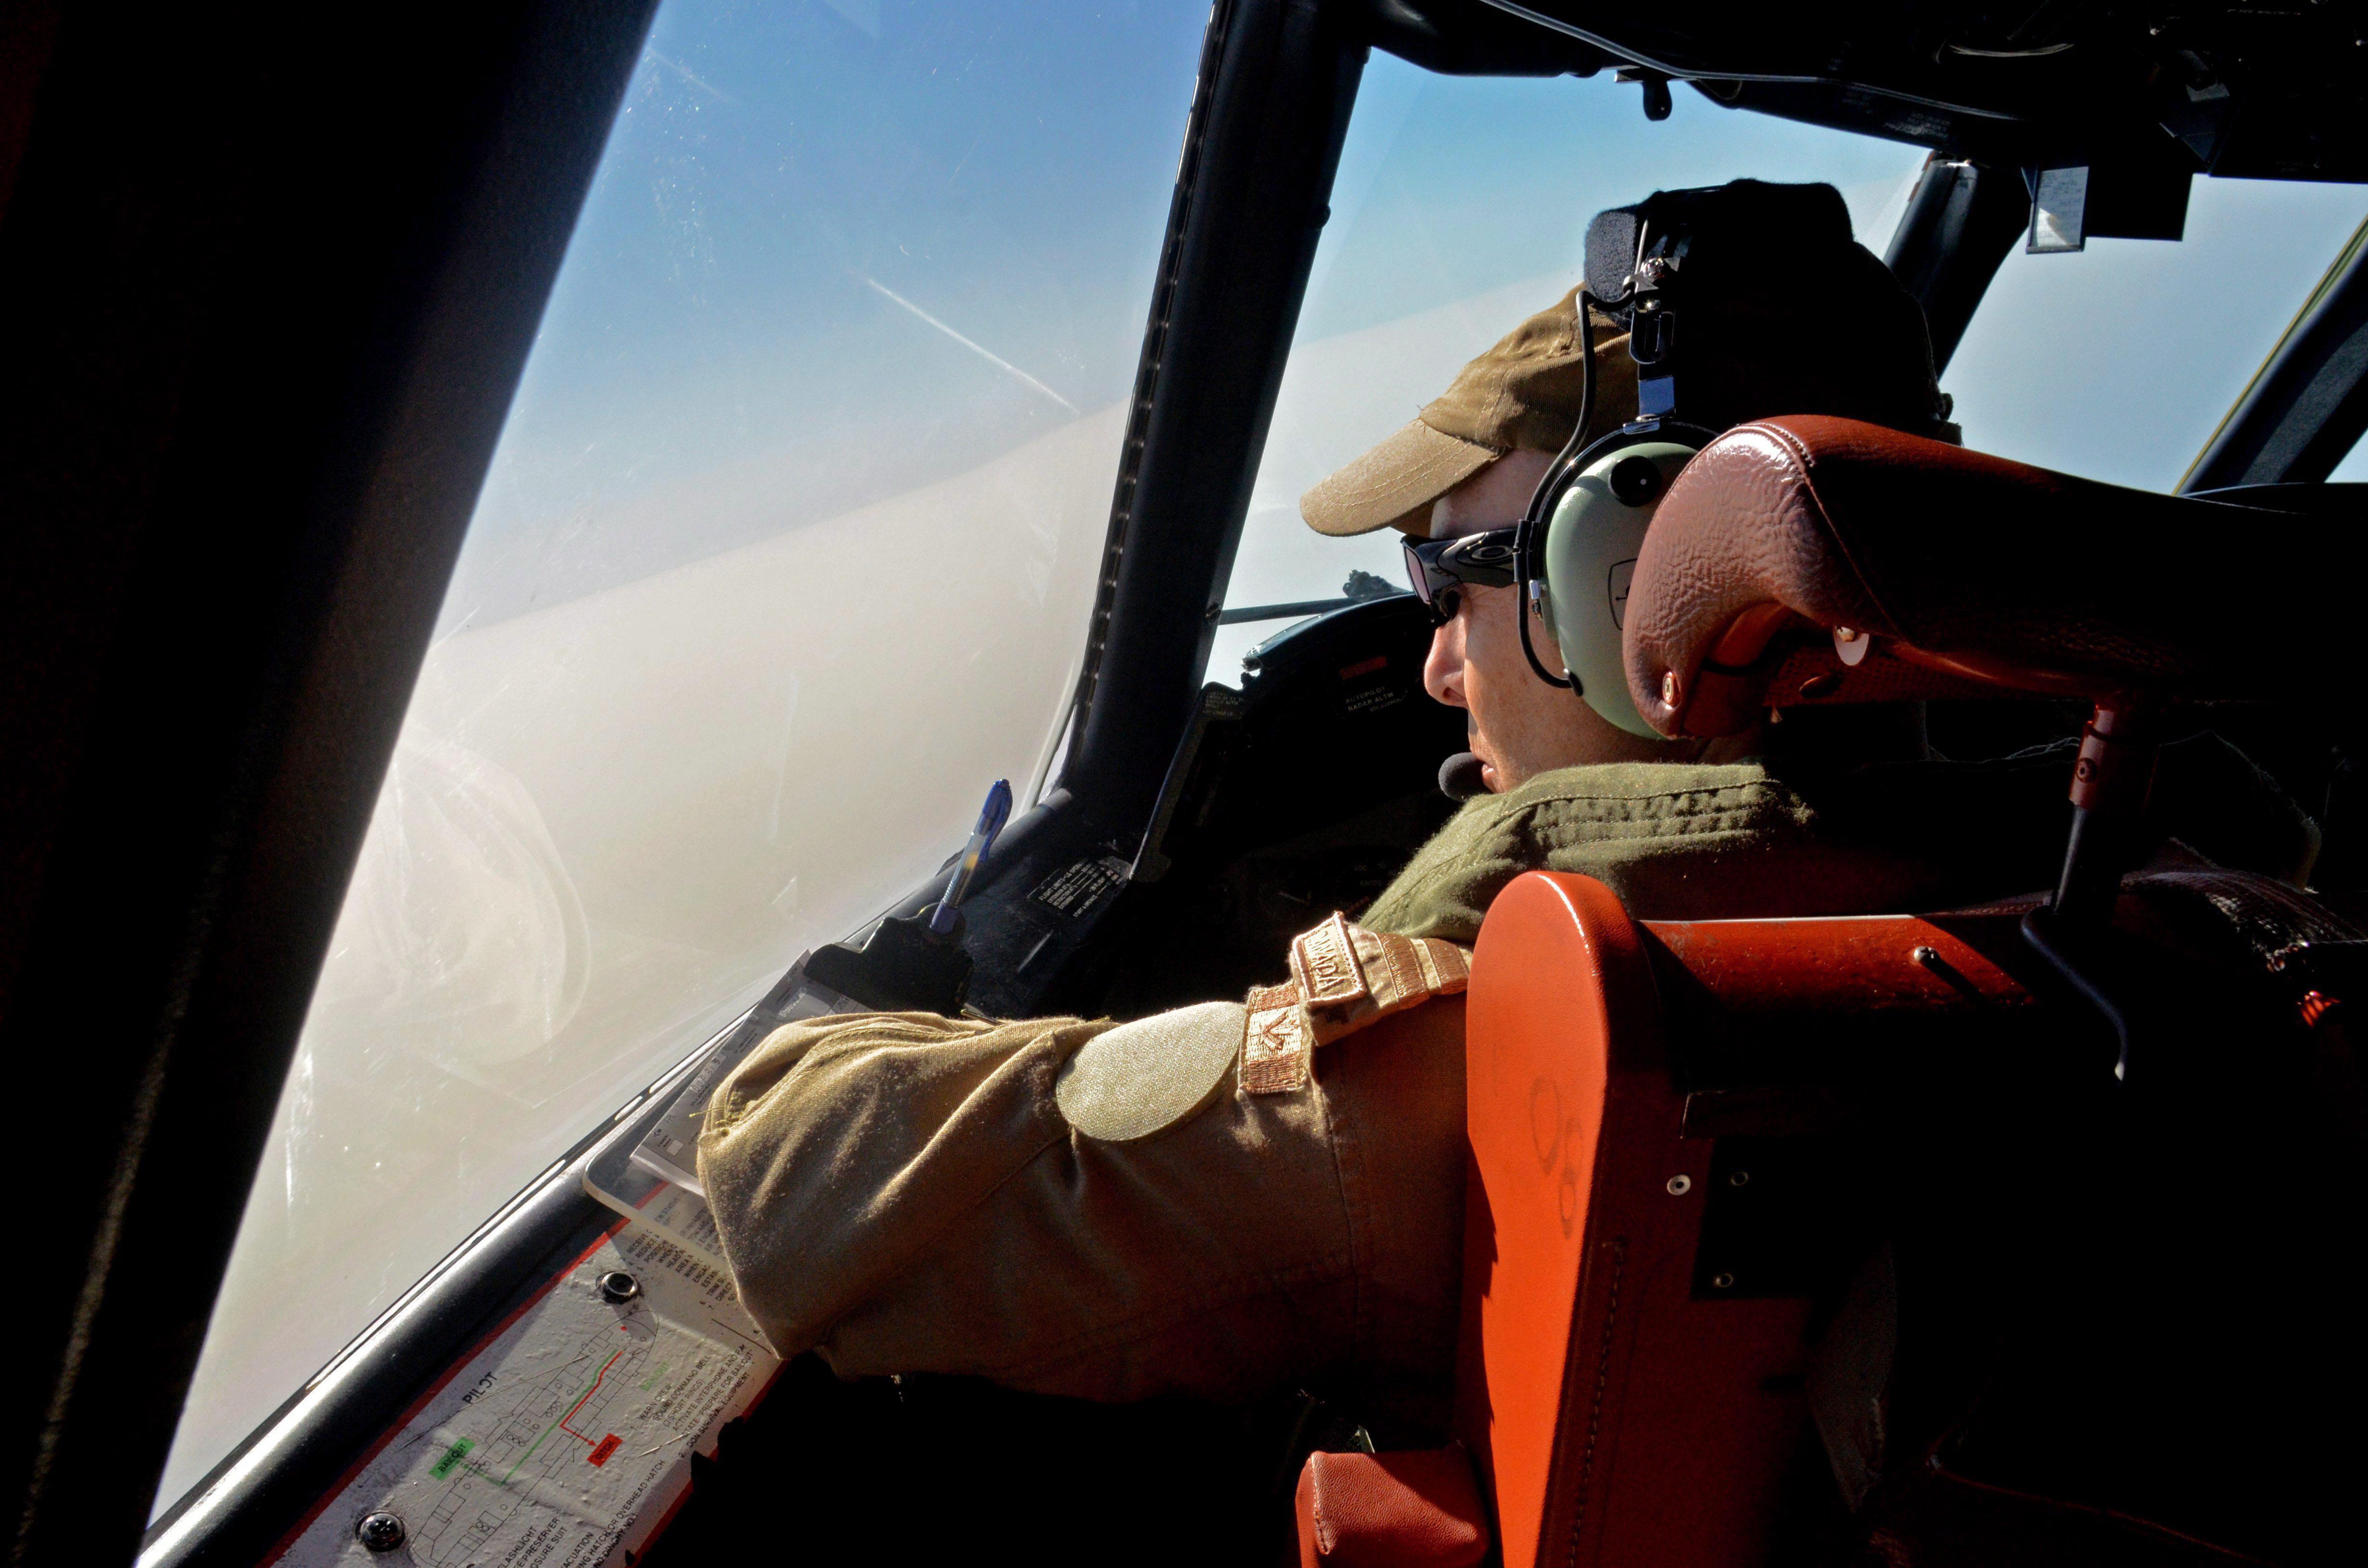 加國防部:偵察機在國際空域遭中共戰機挑釁